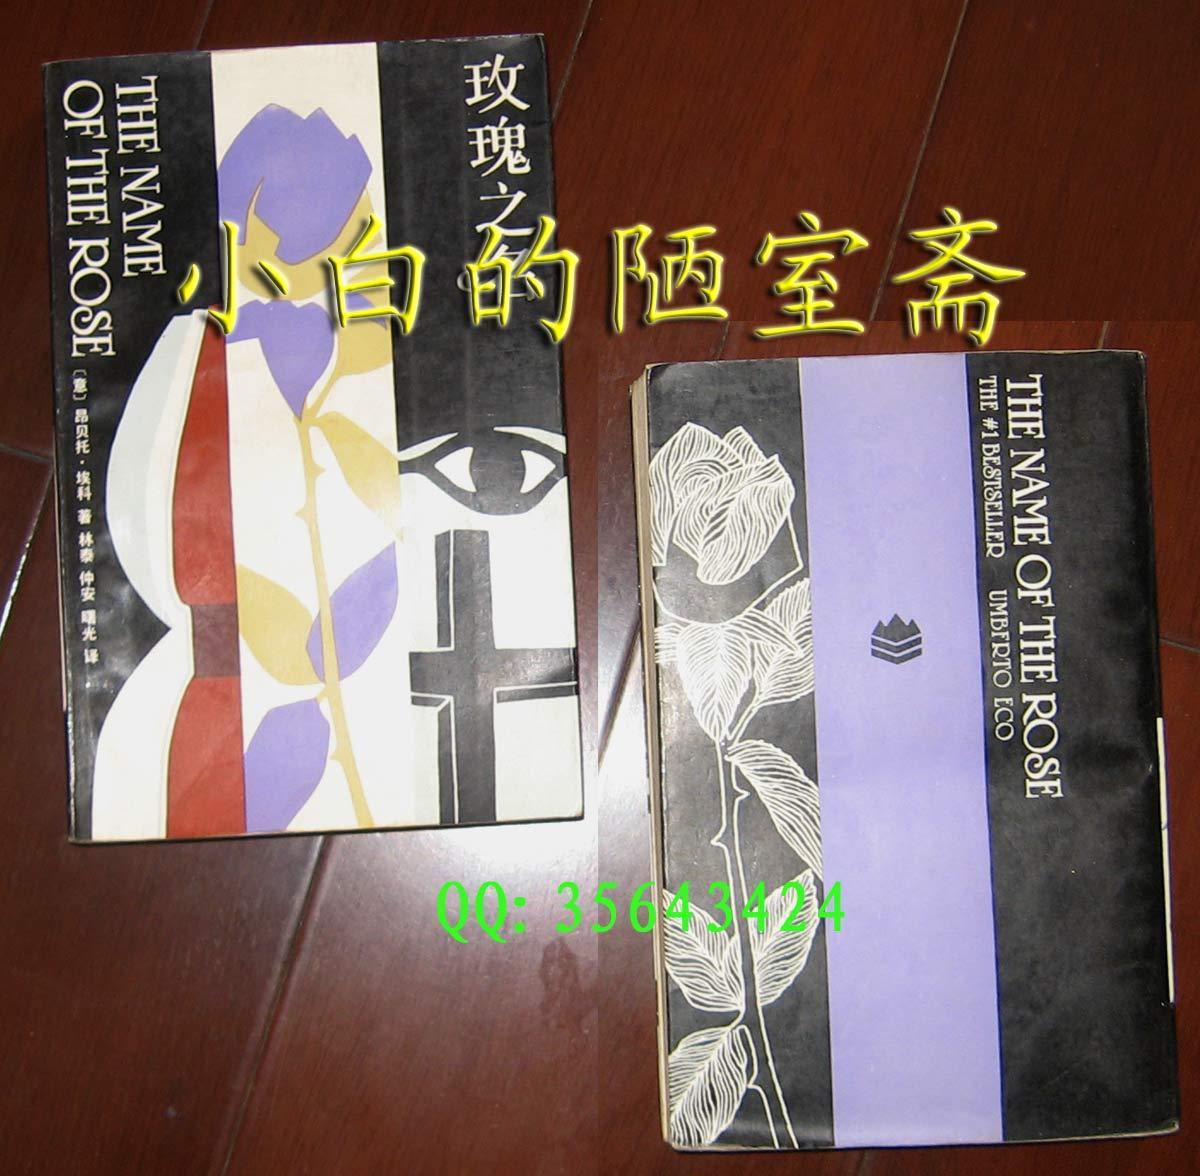 昂贝托.埃科《玫瑰之名》彩色插图-重庆出版社87年1版1印